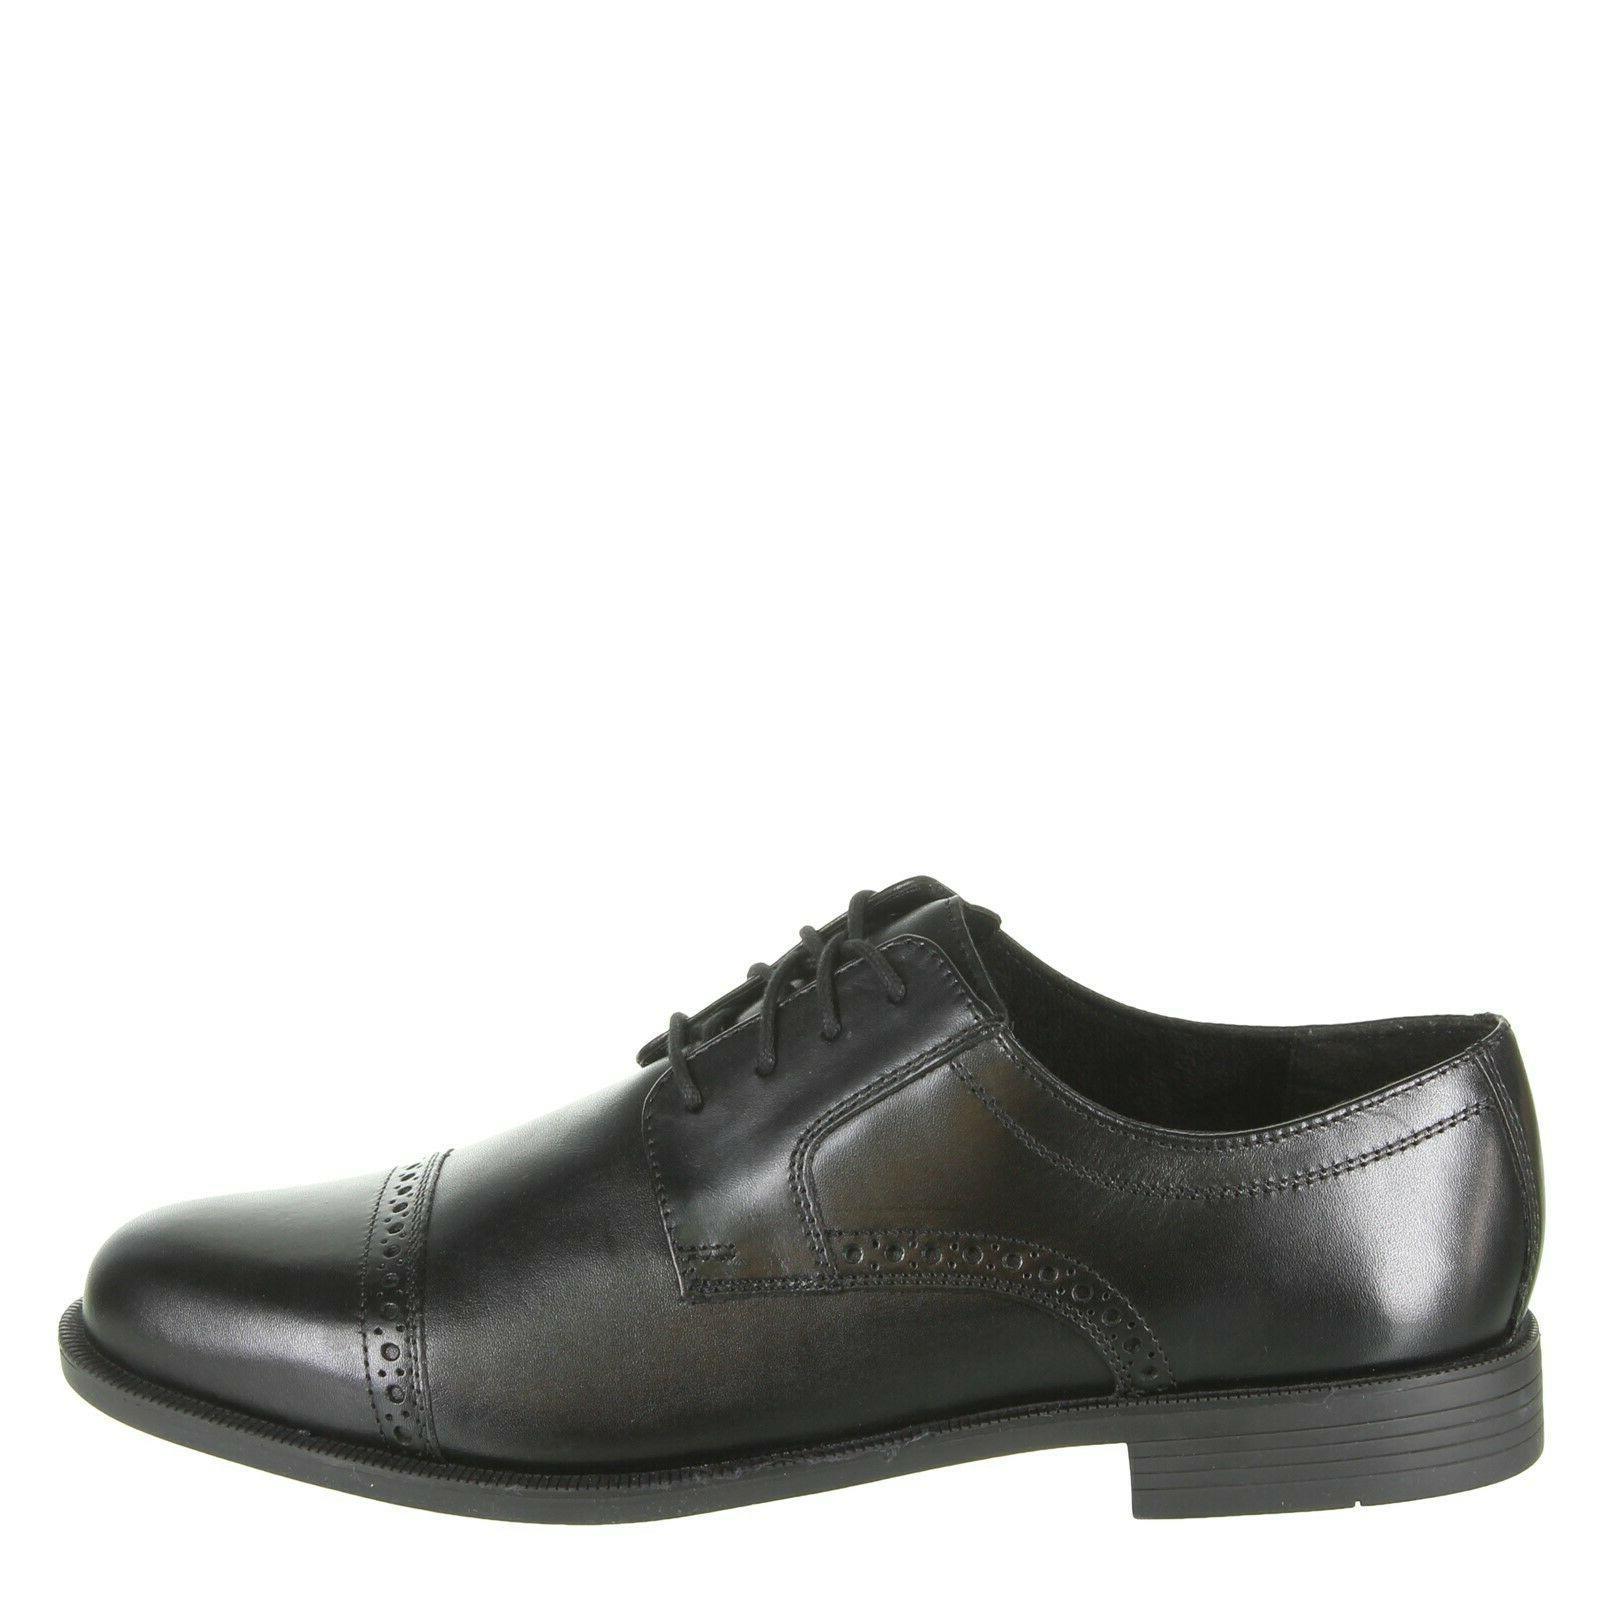 Cole Haan Dustin Shoes Men 11.5